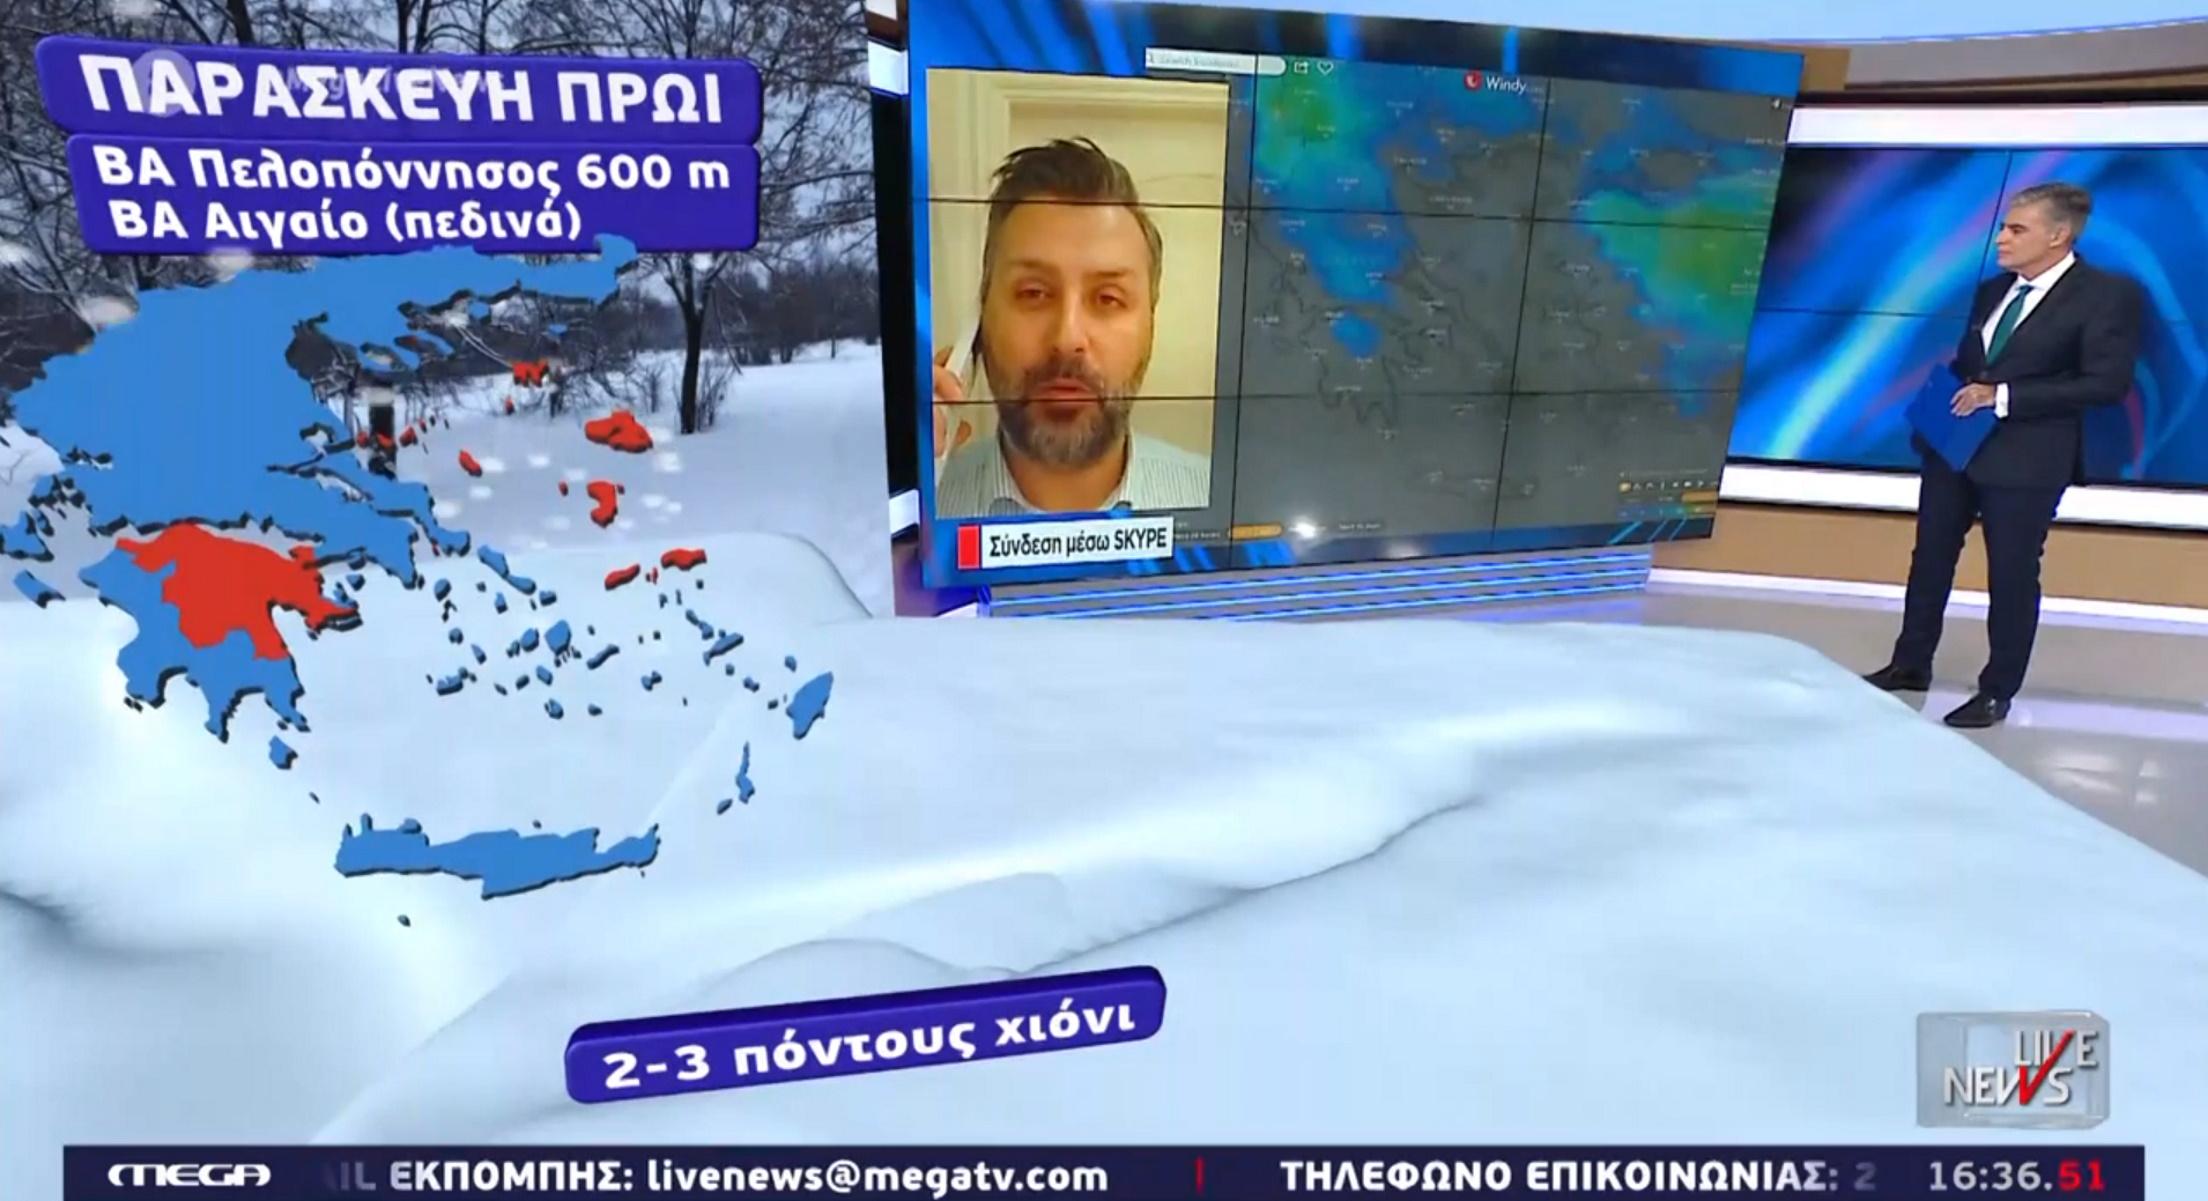 Καιρός – Καλλιάνος: Πότε θα χιονίσει στην Αττική (video)